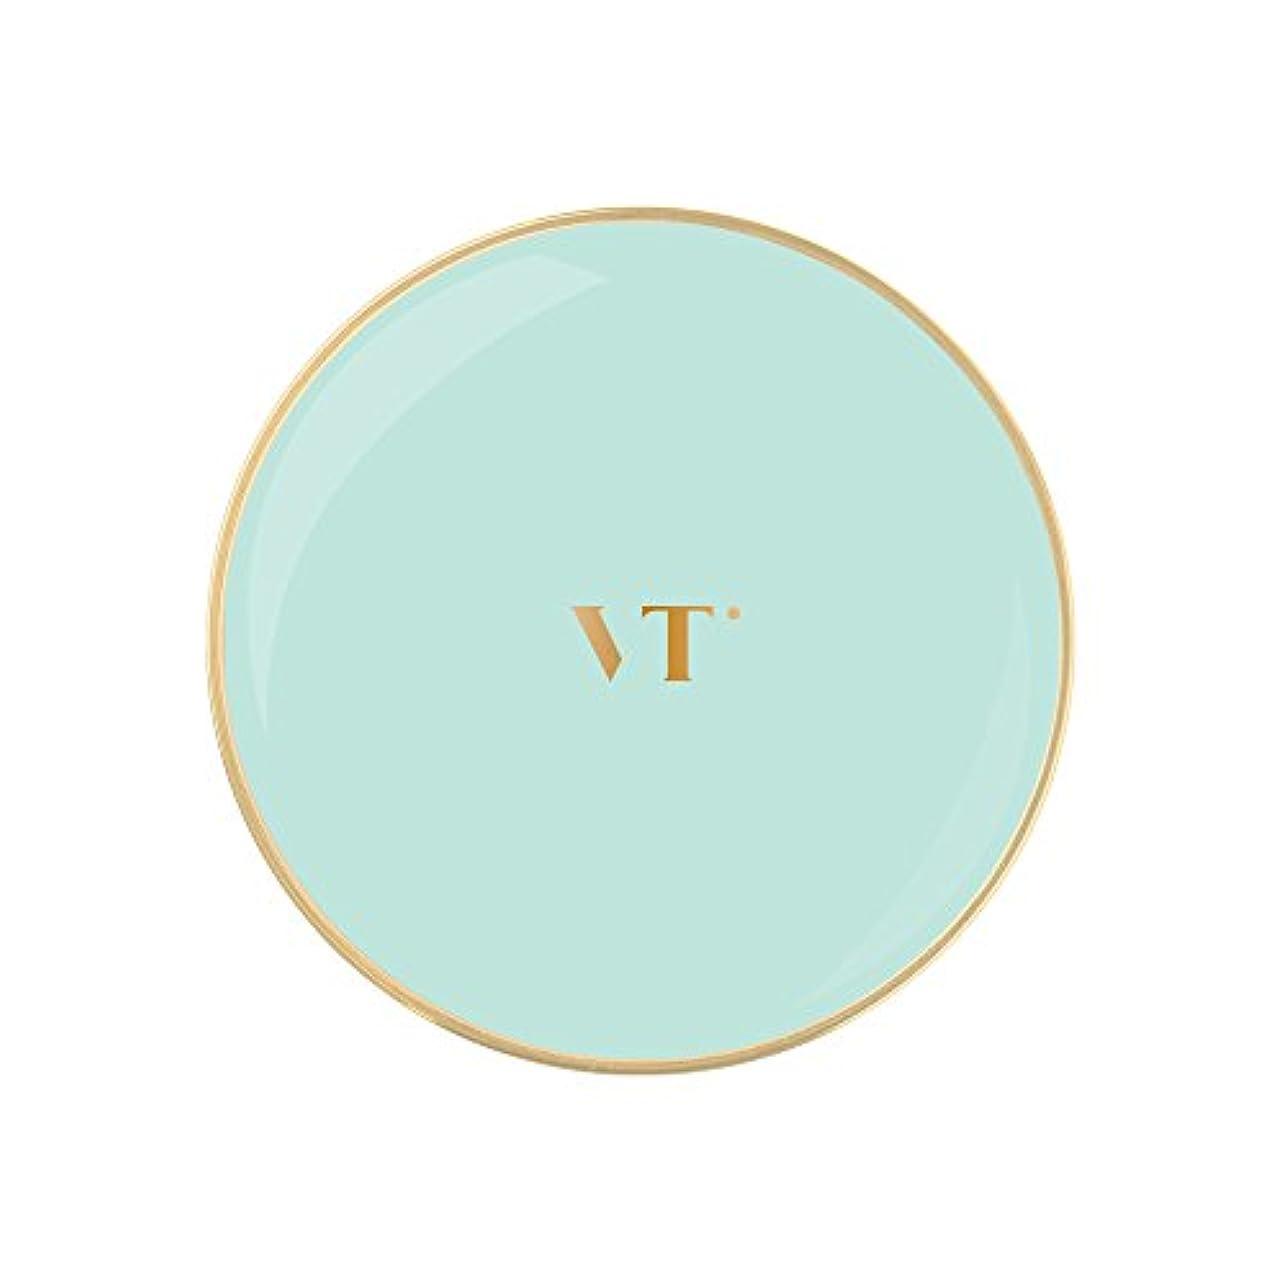 ジェーンオースティン五控えるVT Blue Collagen Pact 11g/ブイティー ブルー コラーゲン パクト 11g (#21) [並行輸入品]